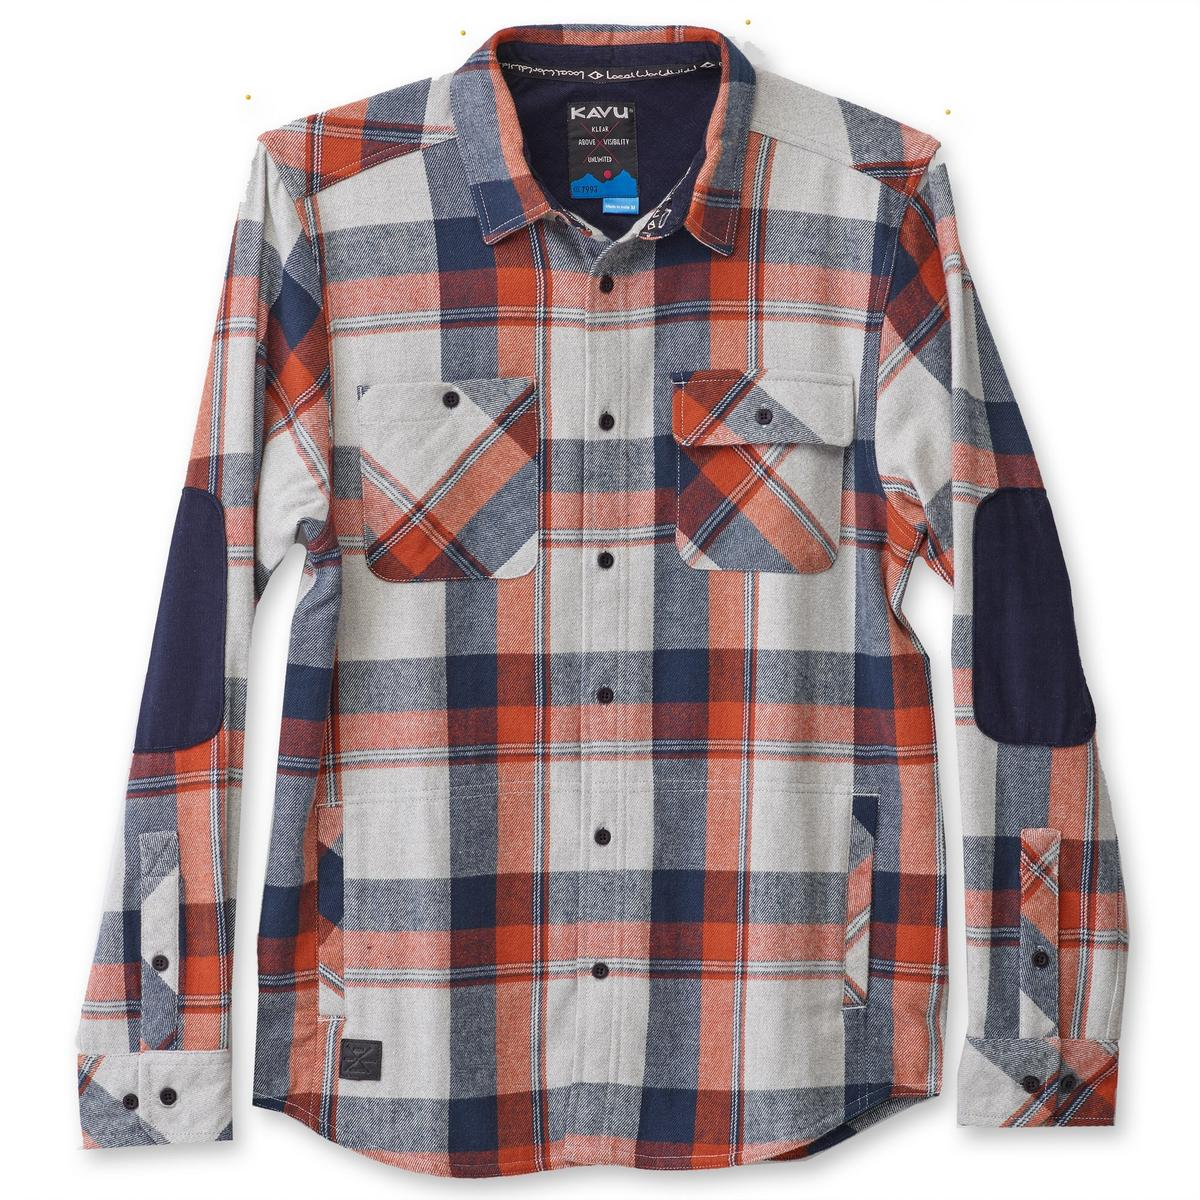 Kavu Men's Baxter Shirt - Overcast 602